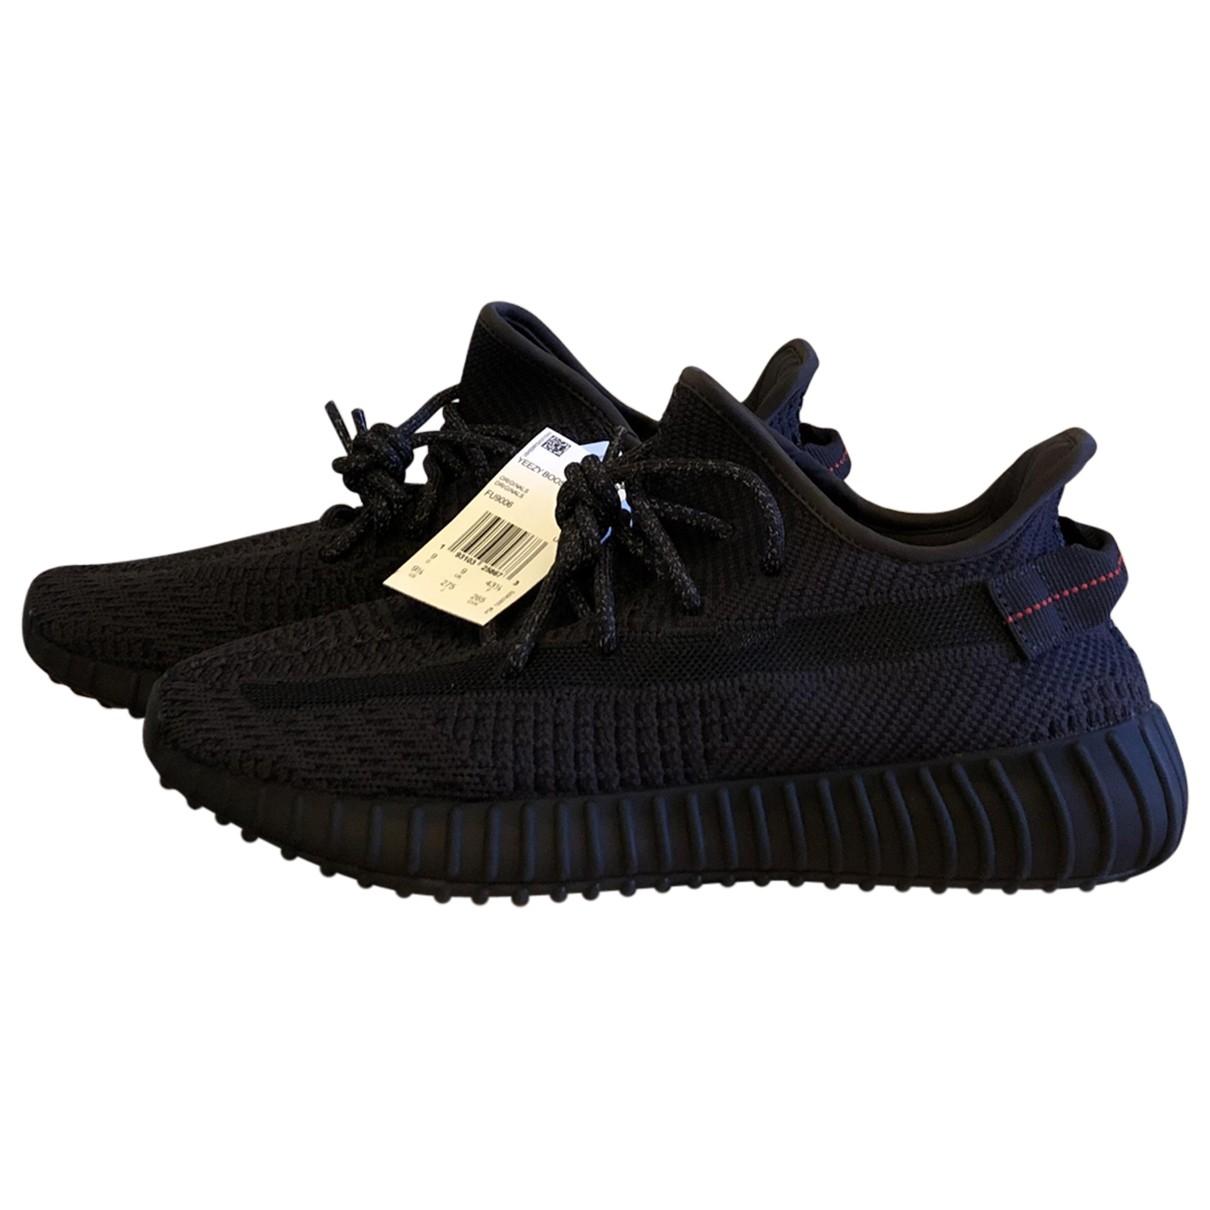 Yeezy X Adidas - Baskets   pour homme en toile - noir